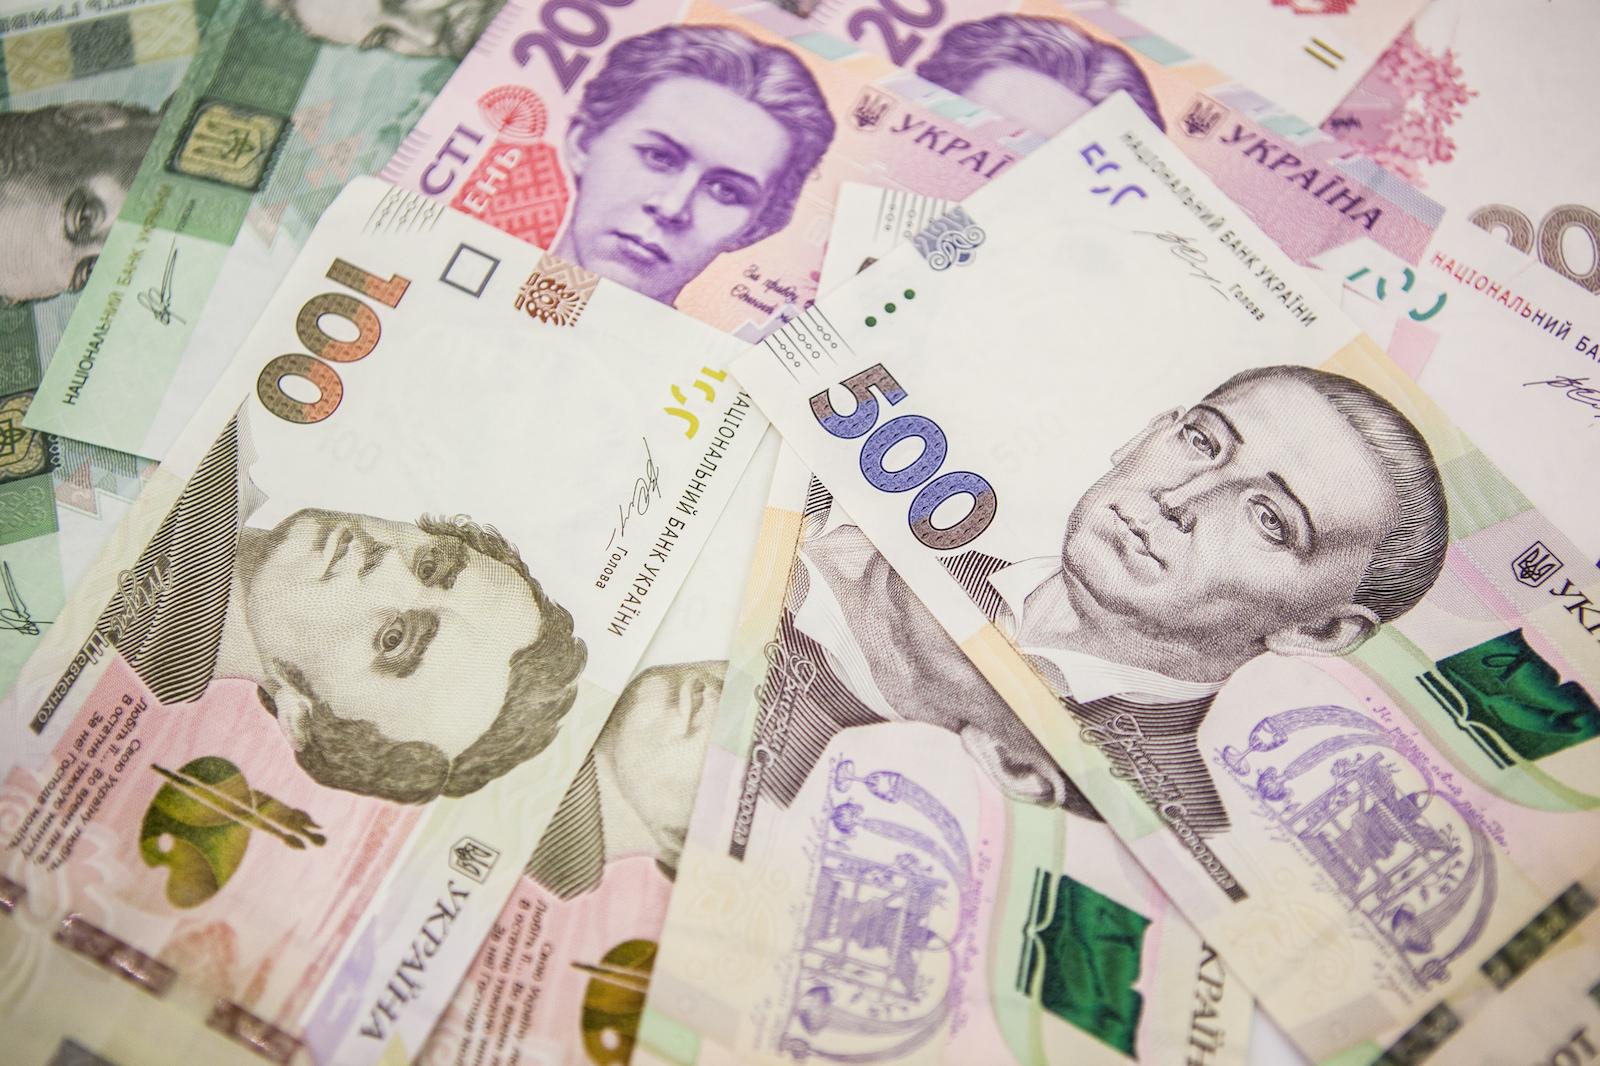 Нацбанк представив українцямоновлені банкноти номіналом 50 та 200 гривень, які скоро введуть в обіг.